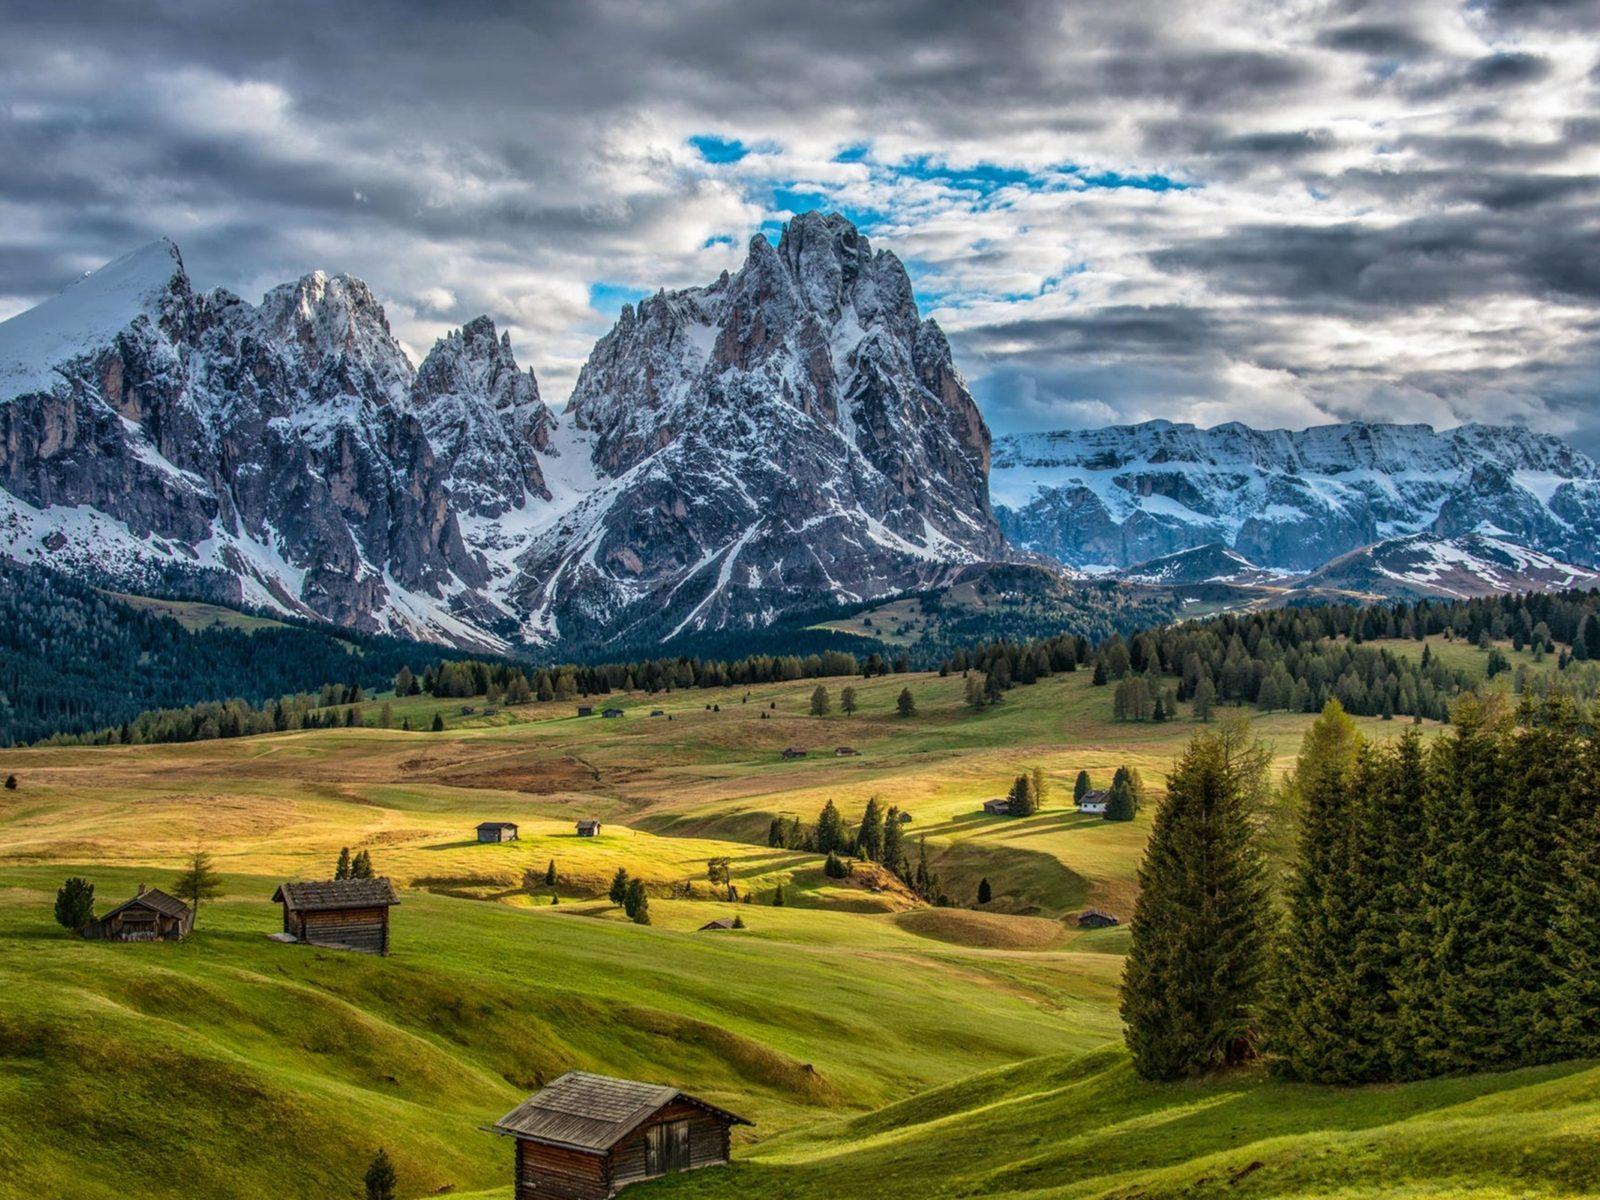 Fall Harvest Desktop Wallpaper Italy Scenery Mountains Houses Grasslands Fir Clouds